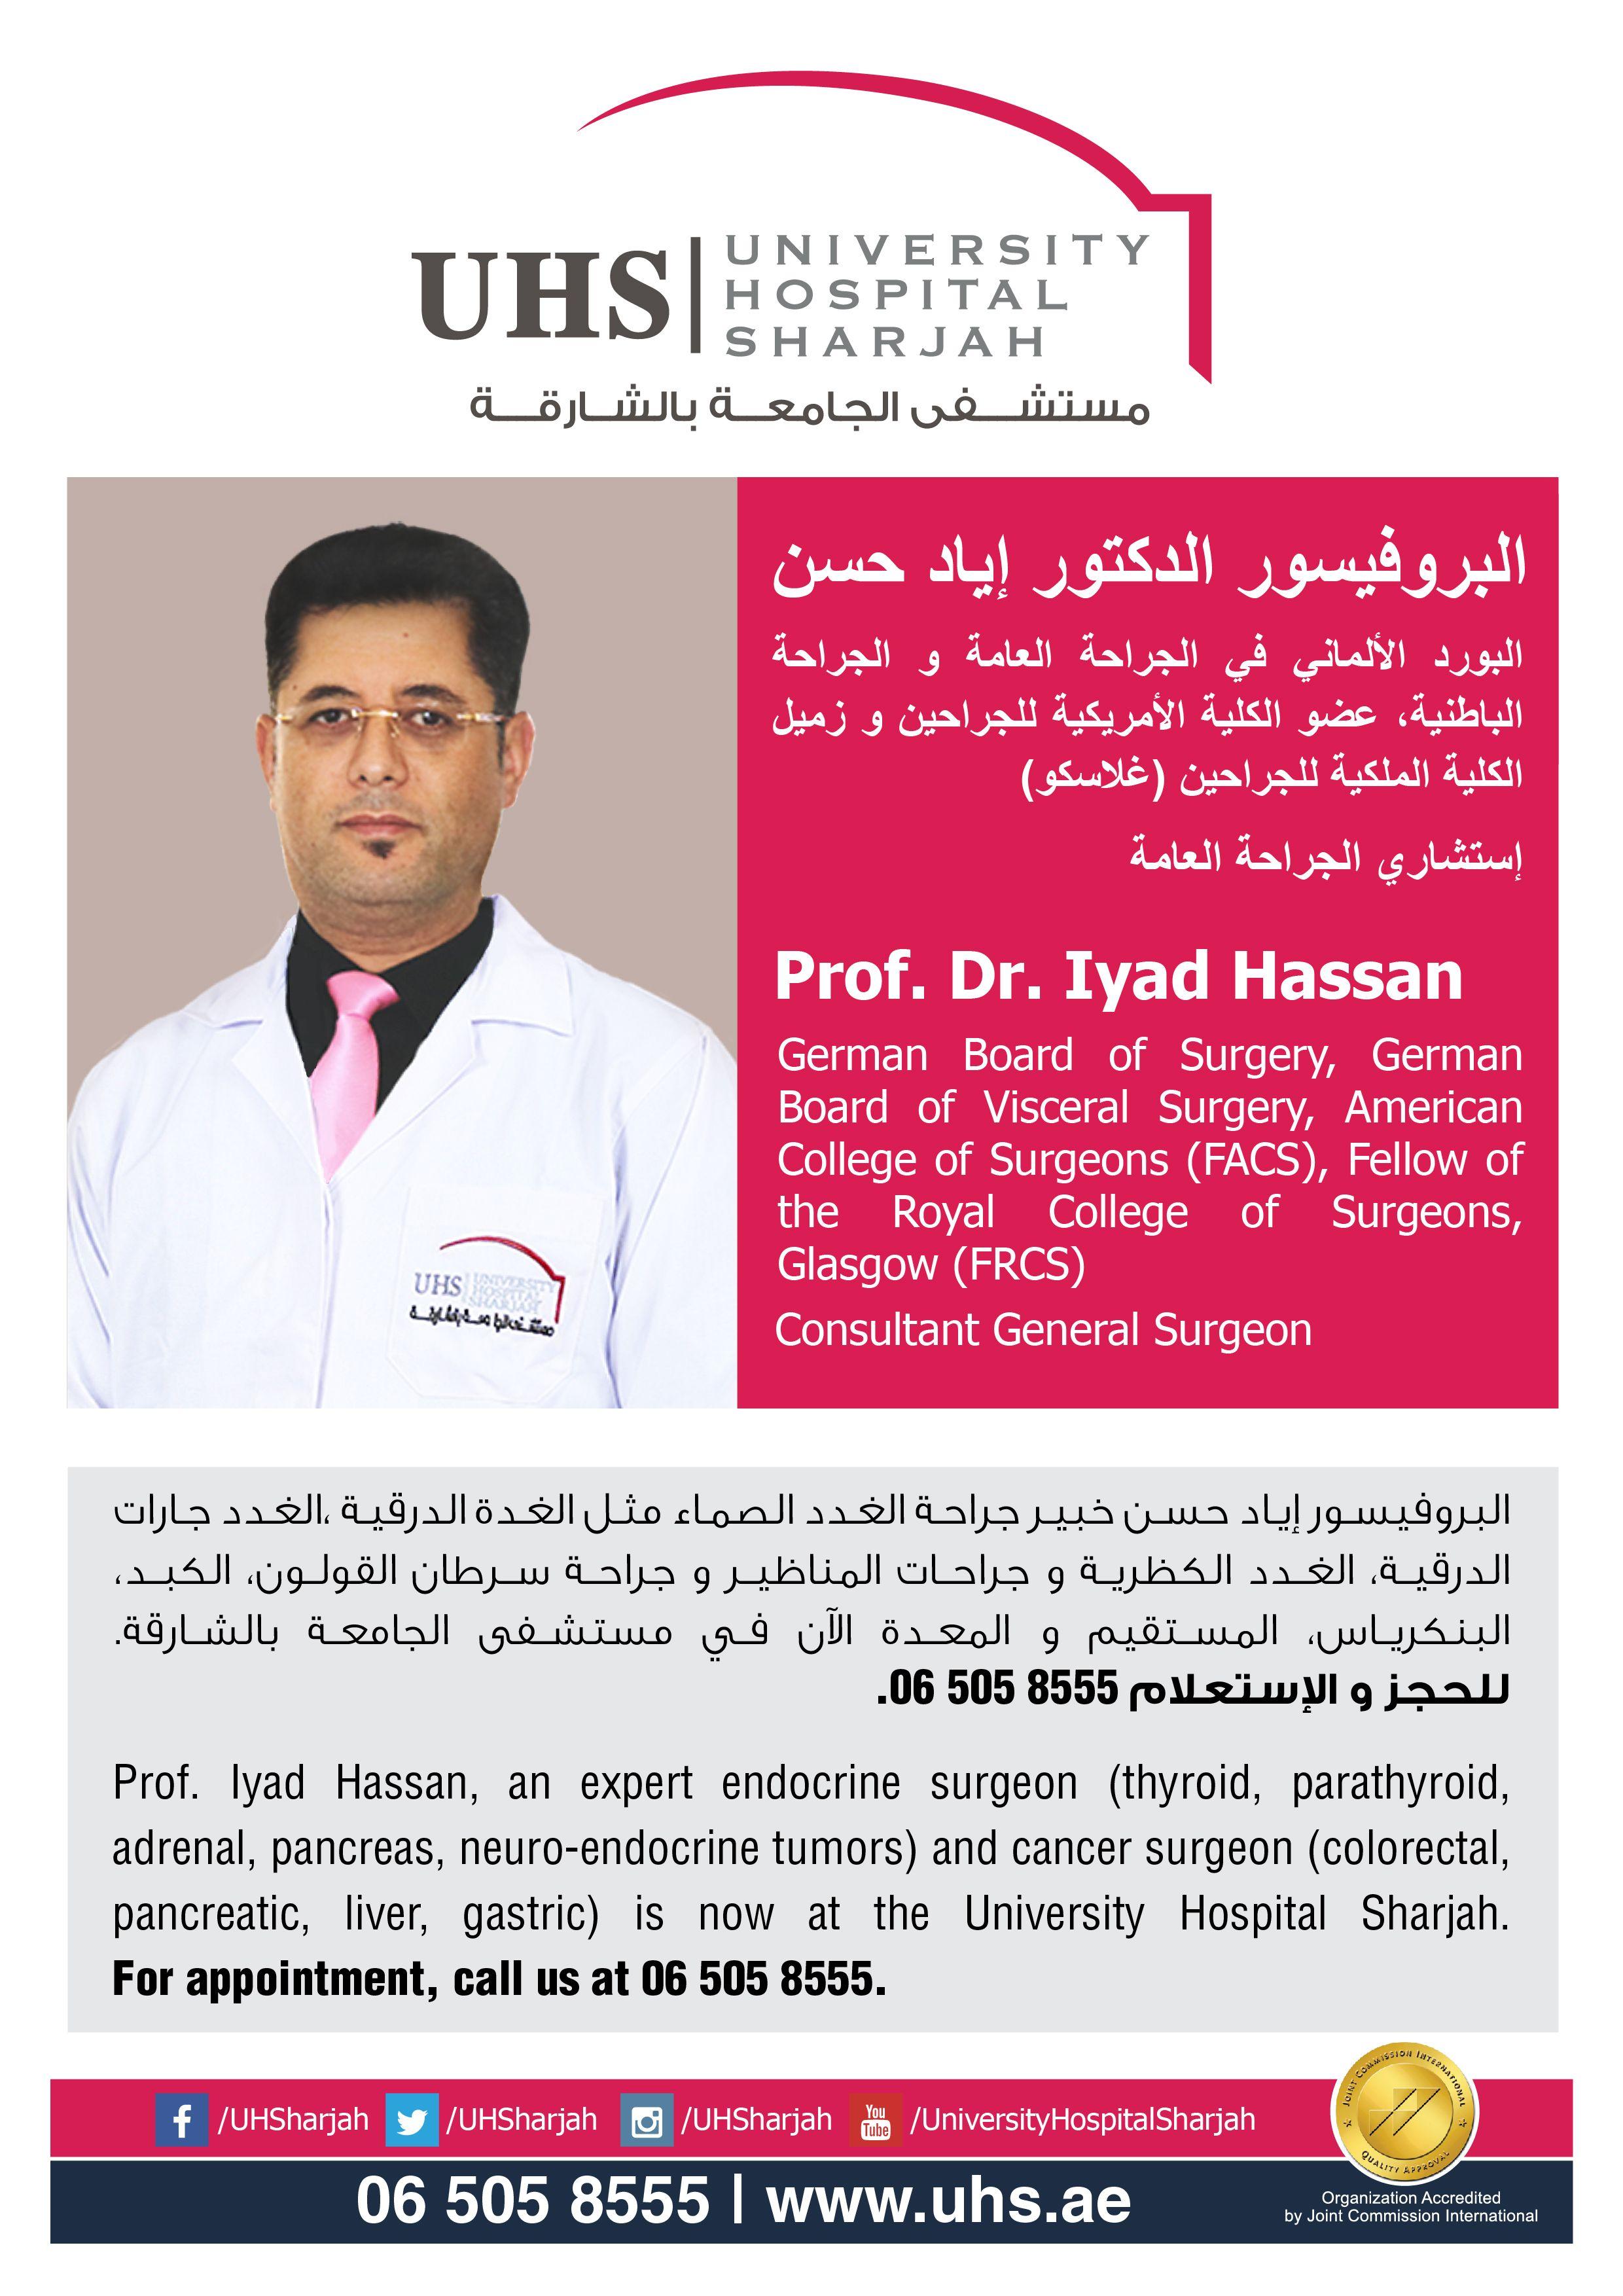 البروفيسور الدكتور إياد حسن إستشاري الجراحة العامة حاصل على البورد الألماني في الجراحة العامة و الجراحة الباطنية عضو الكلي American Colleges Hospital Doctor